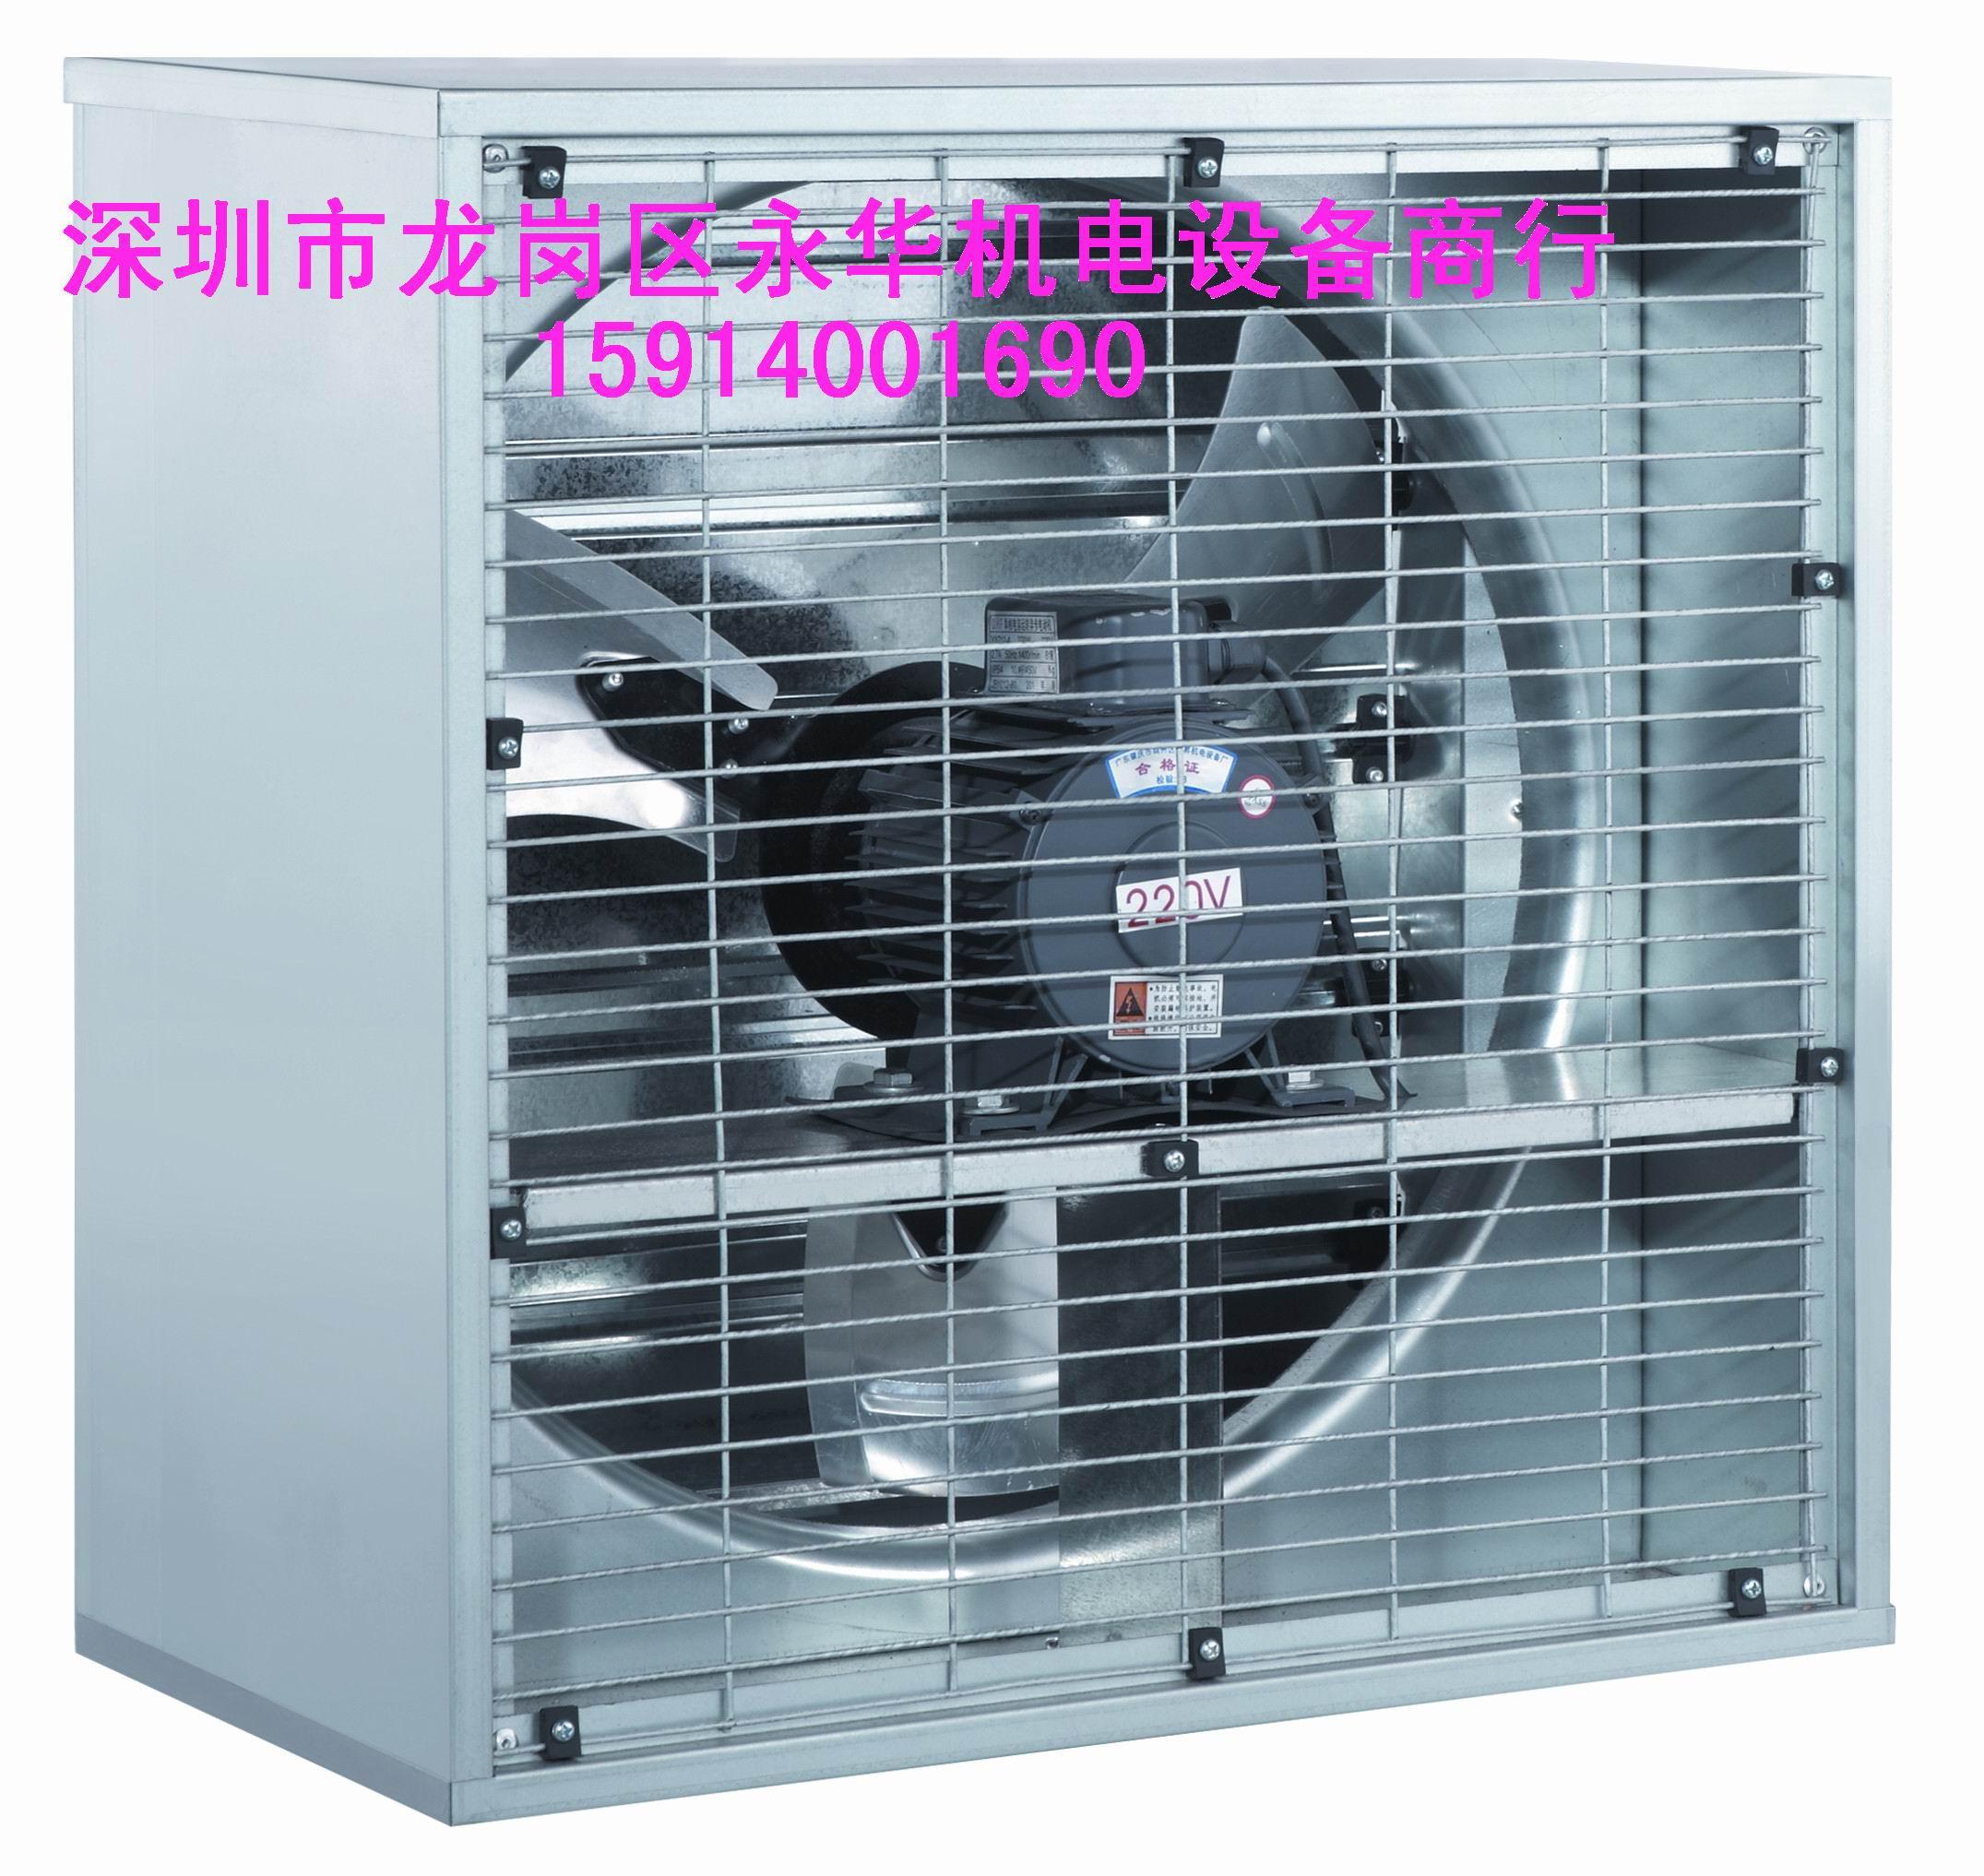 670mm espesor ancho largo 670mm 330mm motor 0.75kw \ 220v380v galvanizado de presión negativa en el ventilador extractor de aire